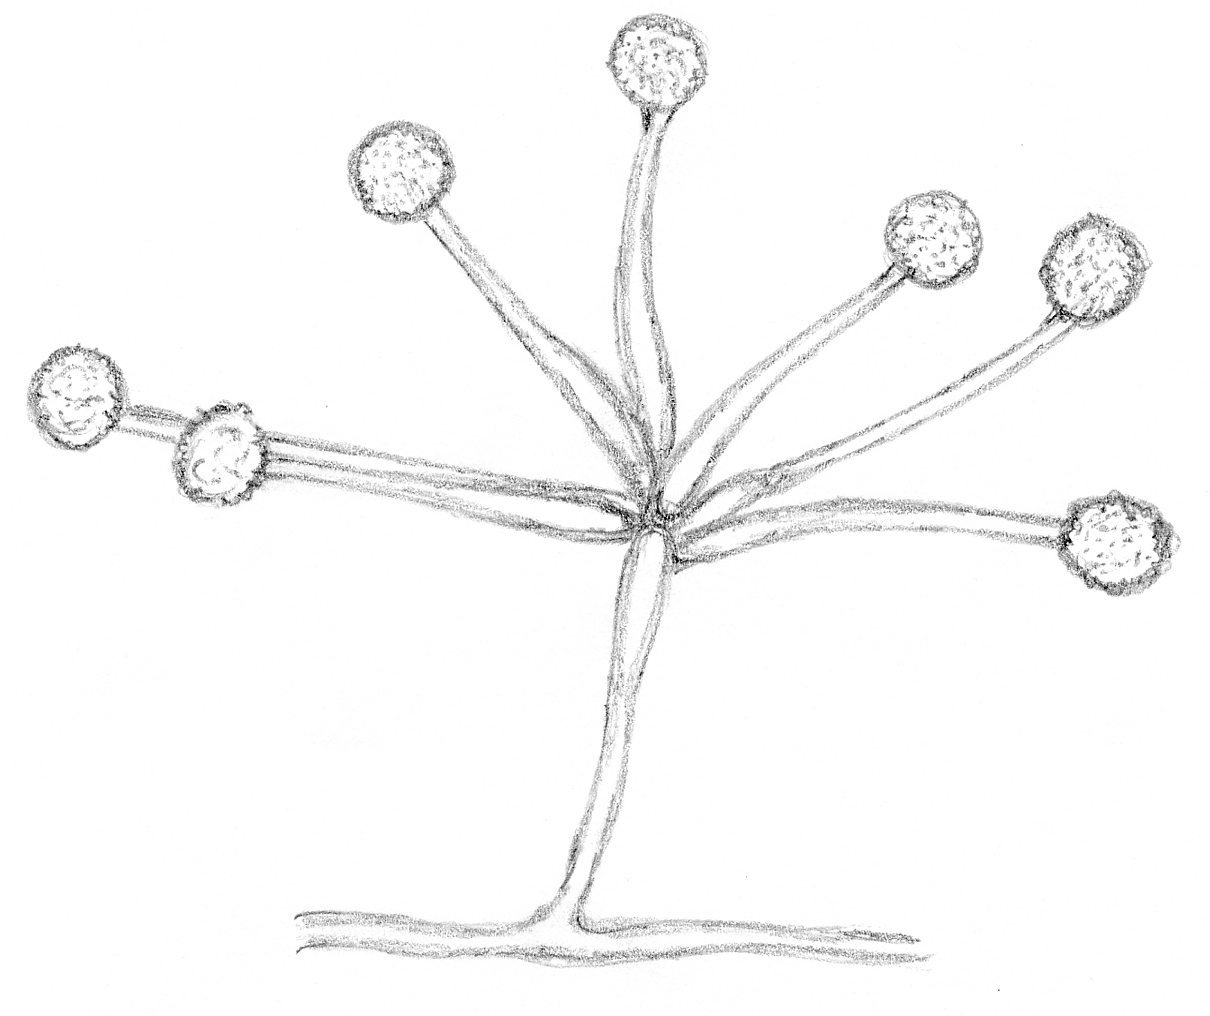 Image of Mortierella